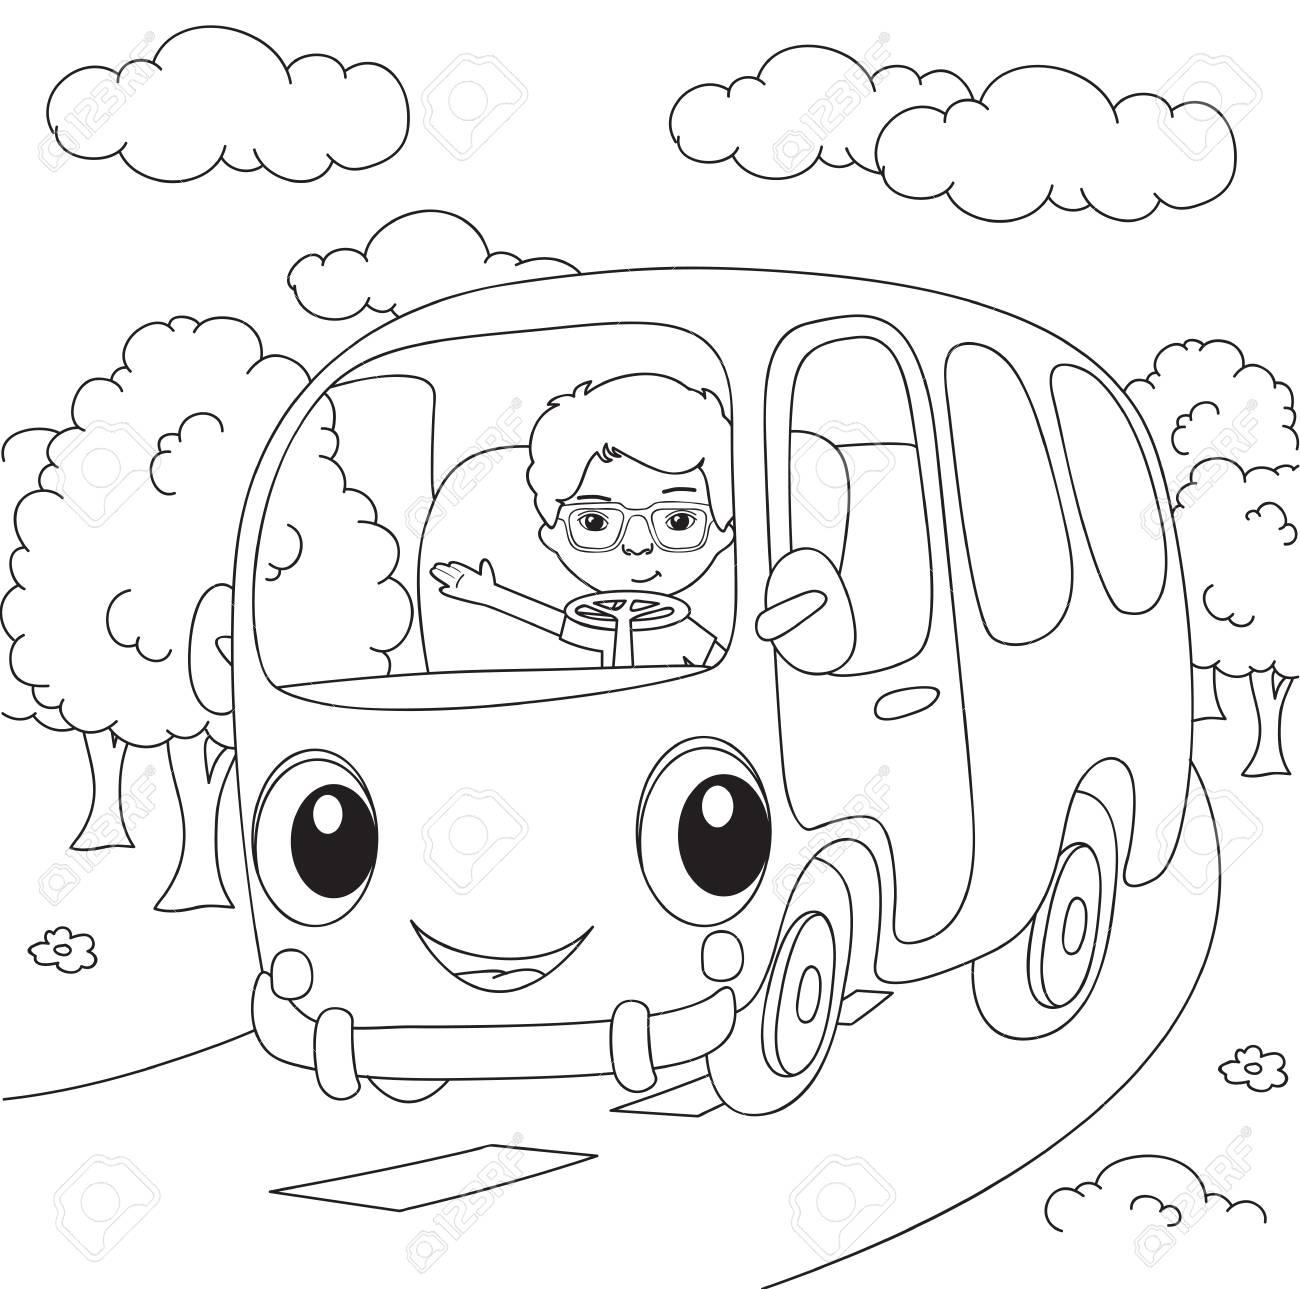 バスを漫画しますベクトルの図塗り絵のイラスト素材ベクタ Image